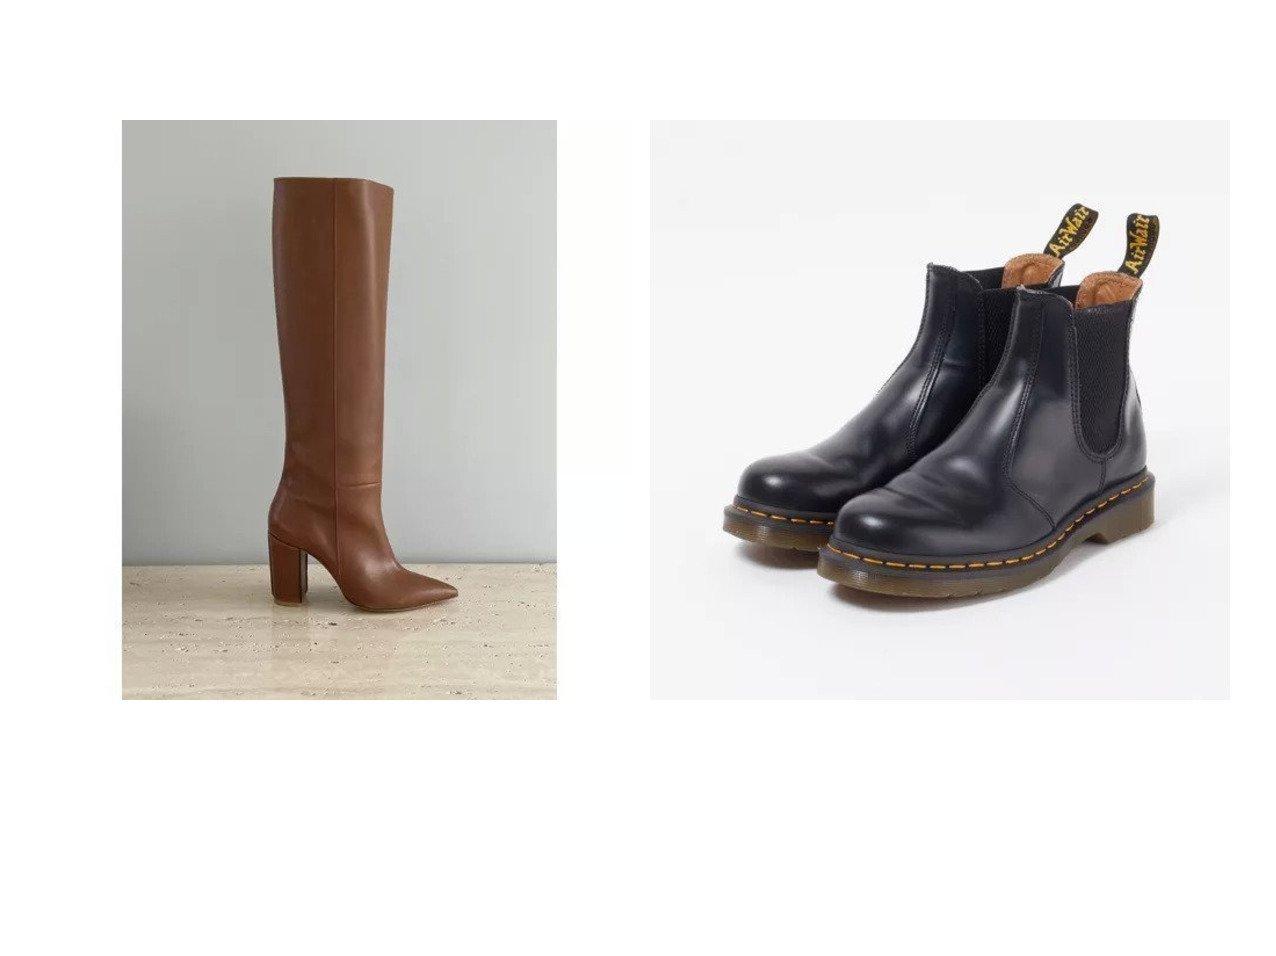 【Pippichic/ピッピシック】のロングブーツ&【Dr.Martens/ドクターマーチン】の2976 YS チェルシーブーツ 【シューズ・靴】おすすめ!人気、トレンド・レディースファッションの通販 おすすめで人気の流行・トレンド、ファッションの通販商品 インテリア・家具・メンズファッション・キッズファッション・レディースファッション・服の通販 founy(ファニー) https://founy.com/ ファッション Fashion レディースファッション WOMEN シューズ ロング ショート 厚底  ID:crp329100000062641